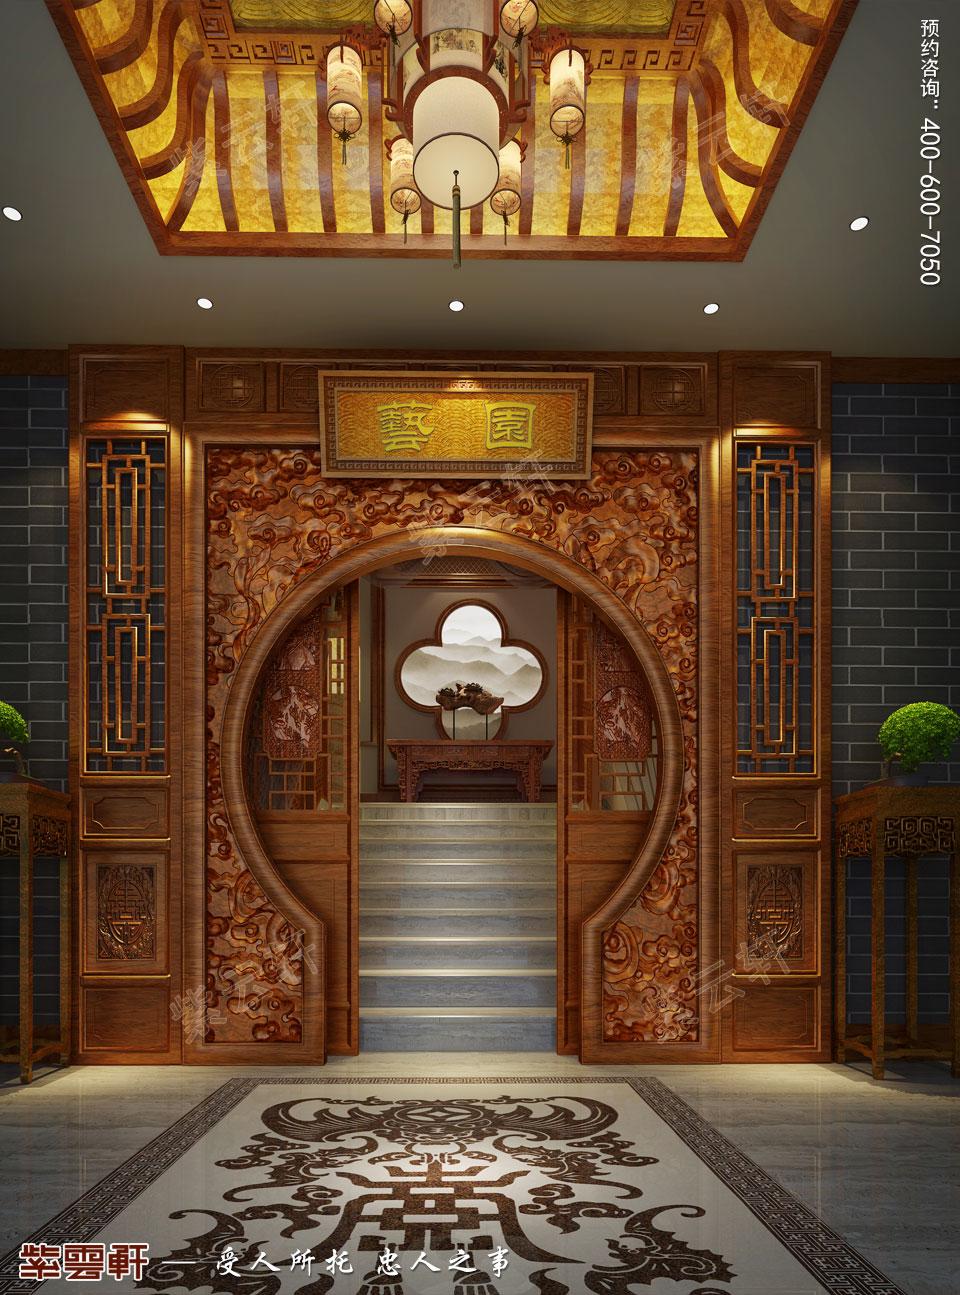 私人会所前堂古典中式装修风格